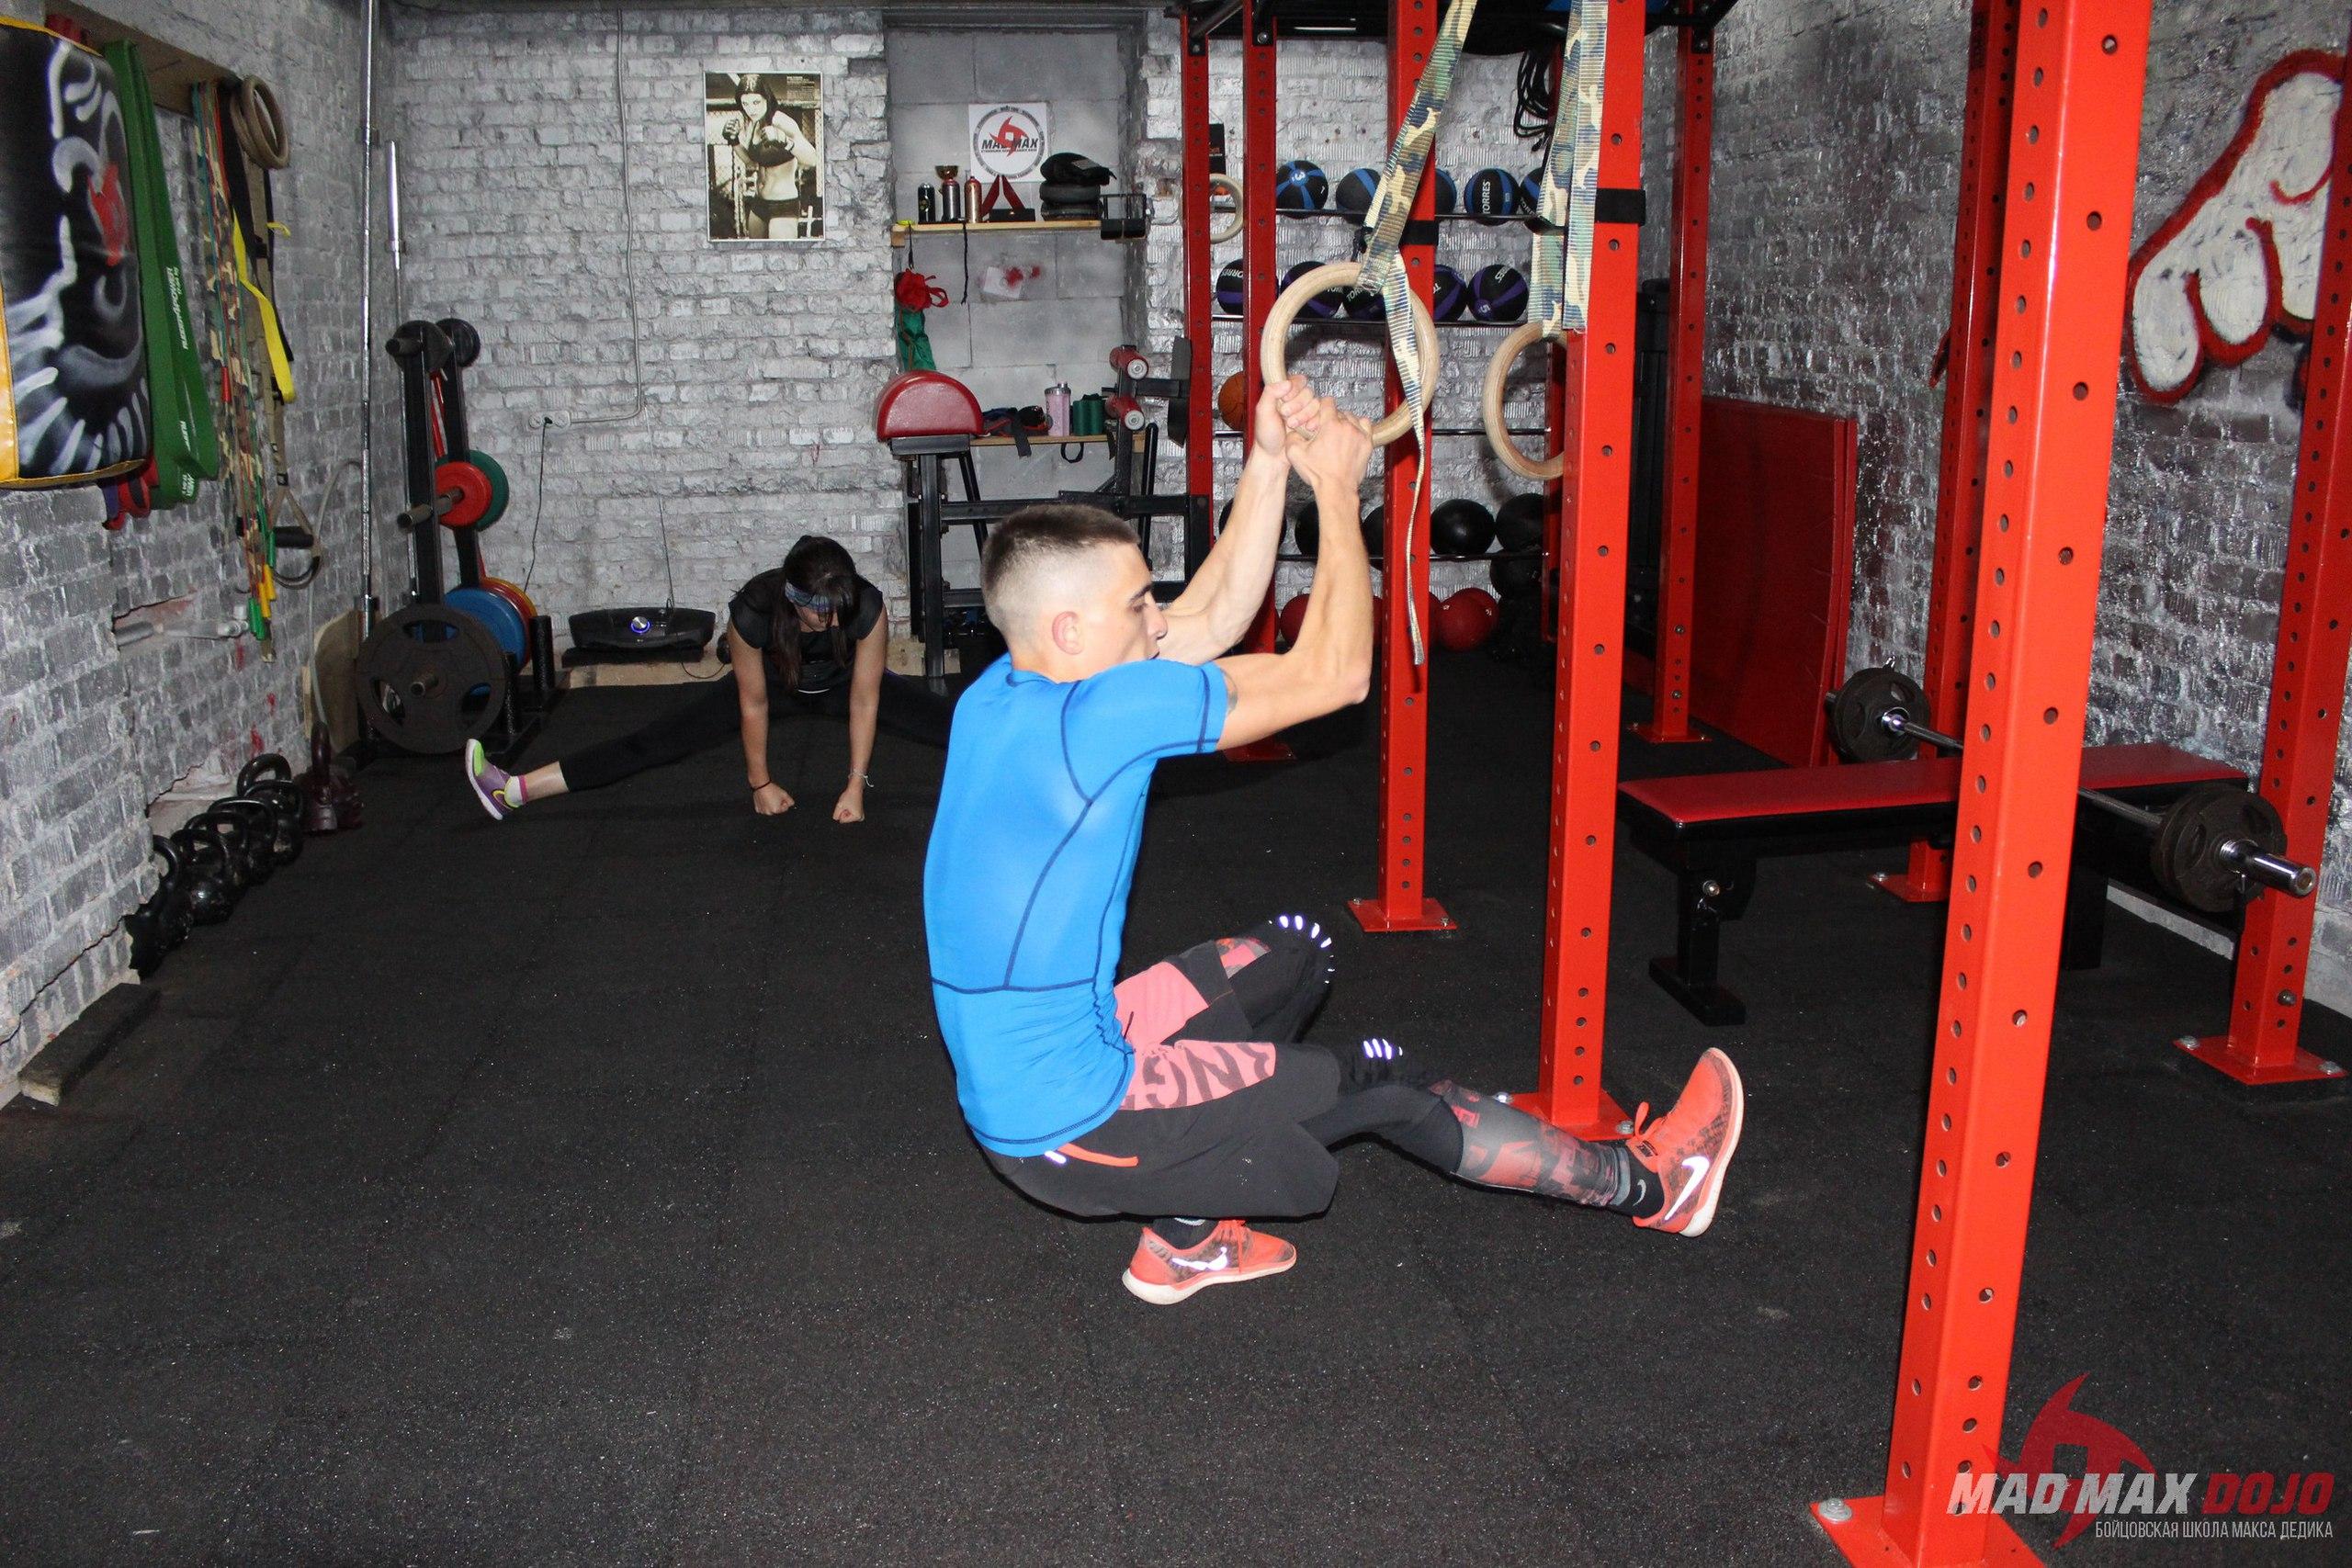 функциональный тренинг MAD MAX DOJO